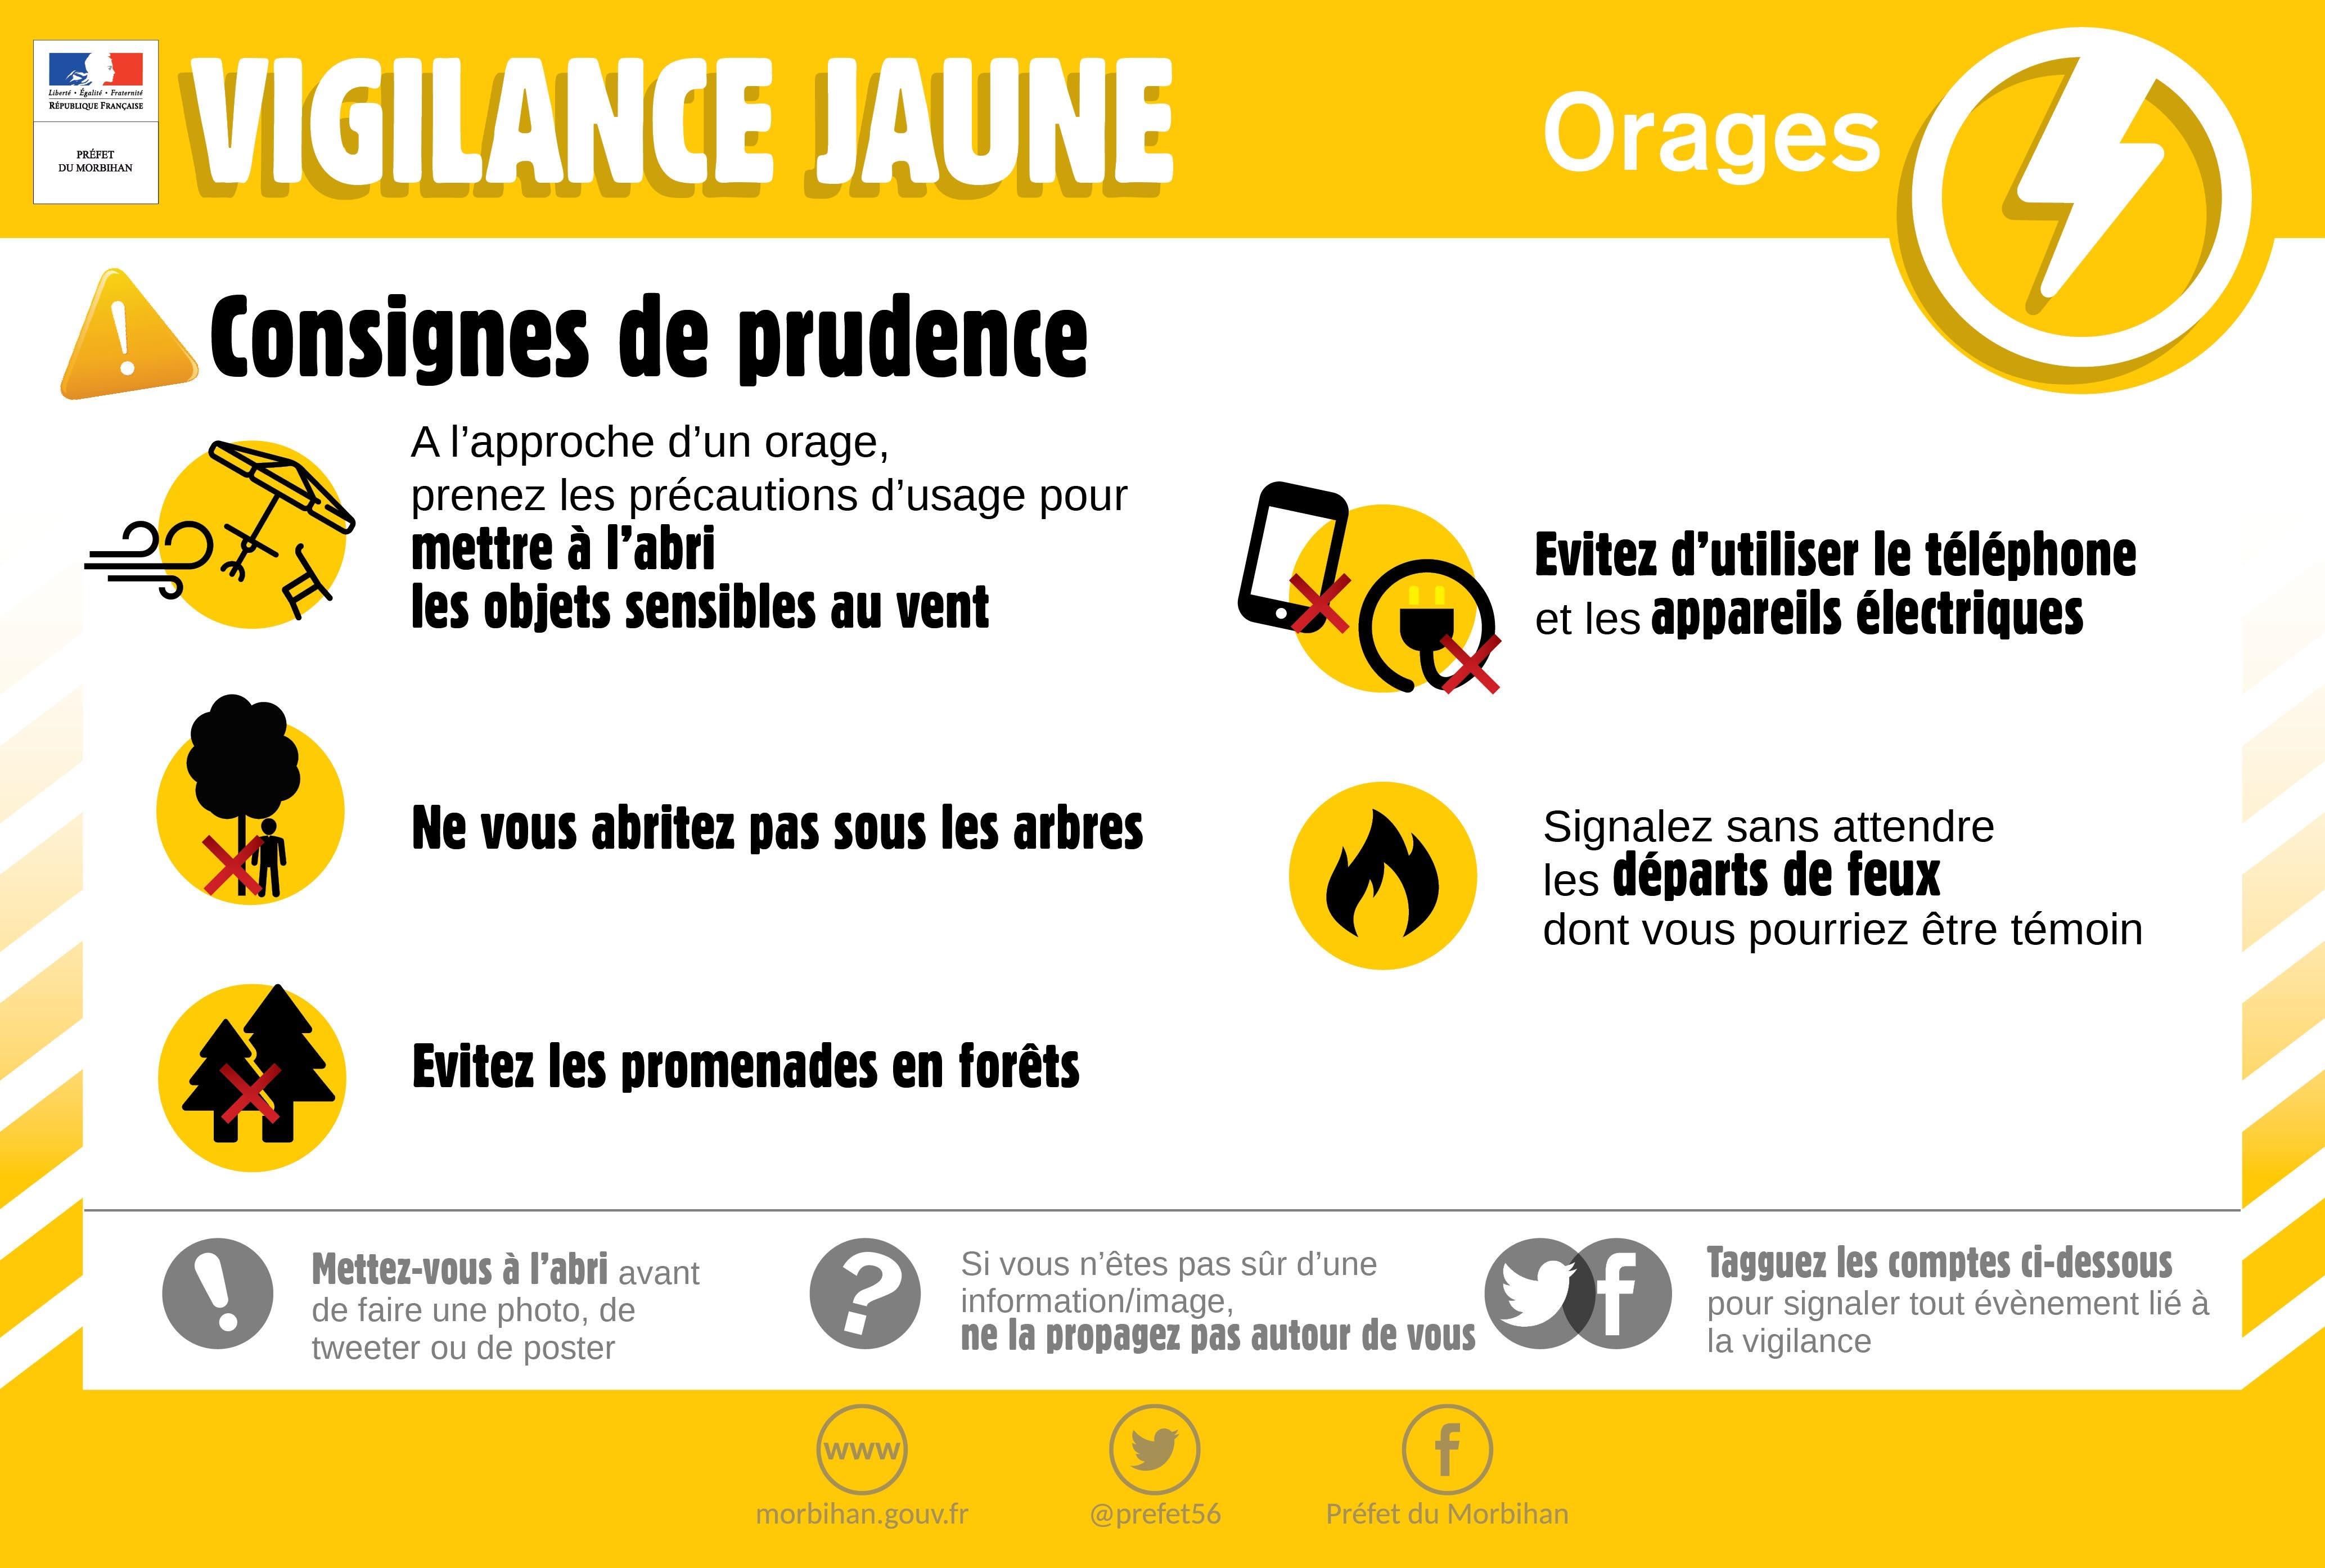 Vigilance jaune pluie - orage / Actus / Actualités / Accueil - Les services  de l'État dans le Morbihan